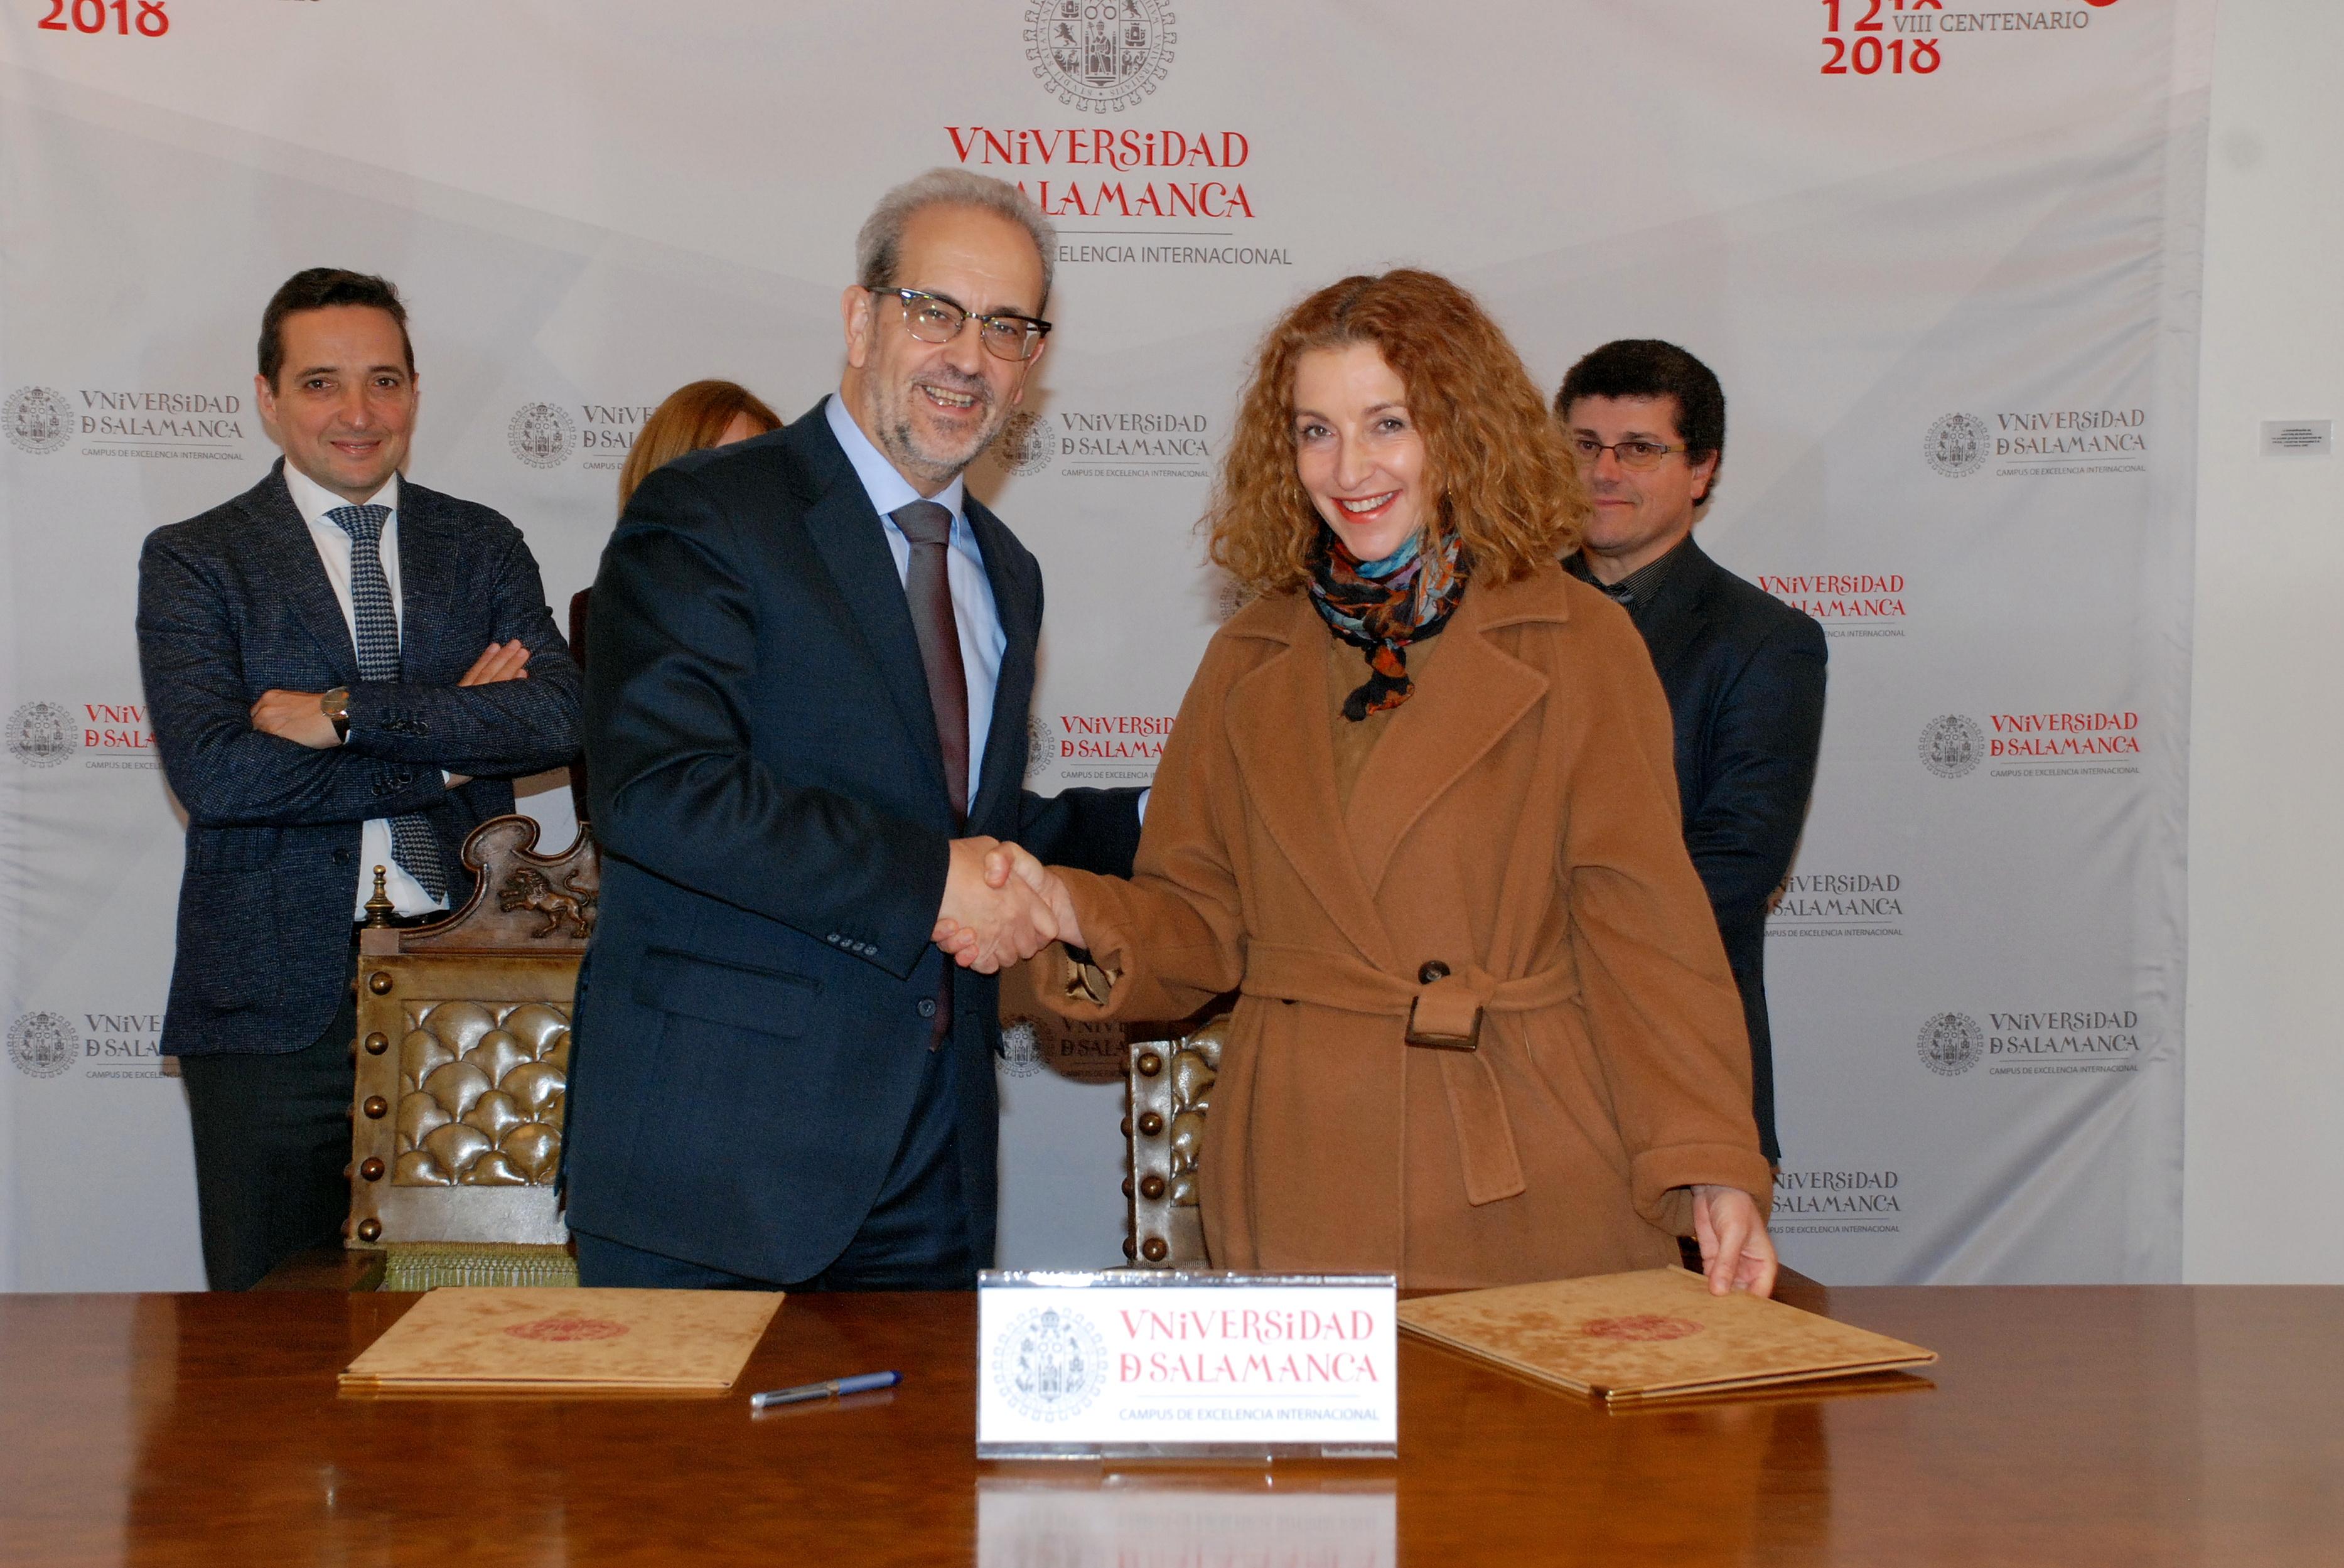 La Universidad de Salamanca y el Instituto Politécnico de Oporto colaborarán en el Doctorado en Ingeniería Informática